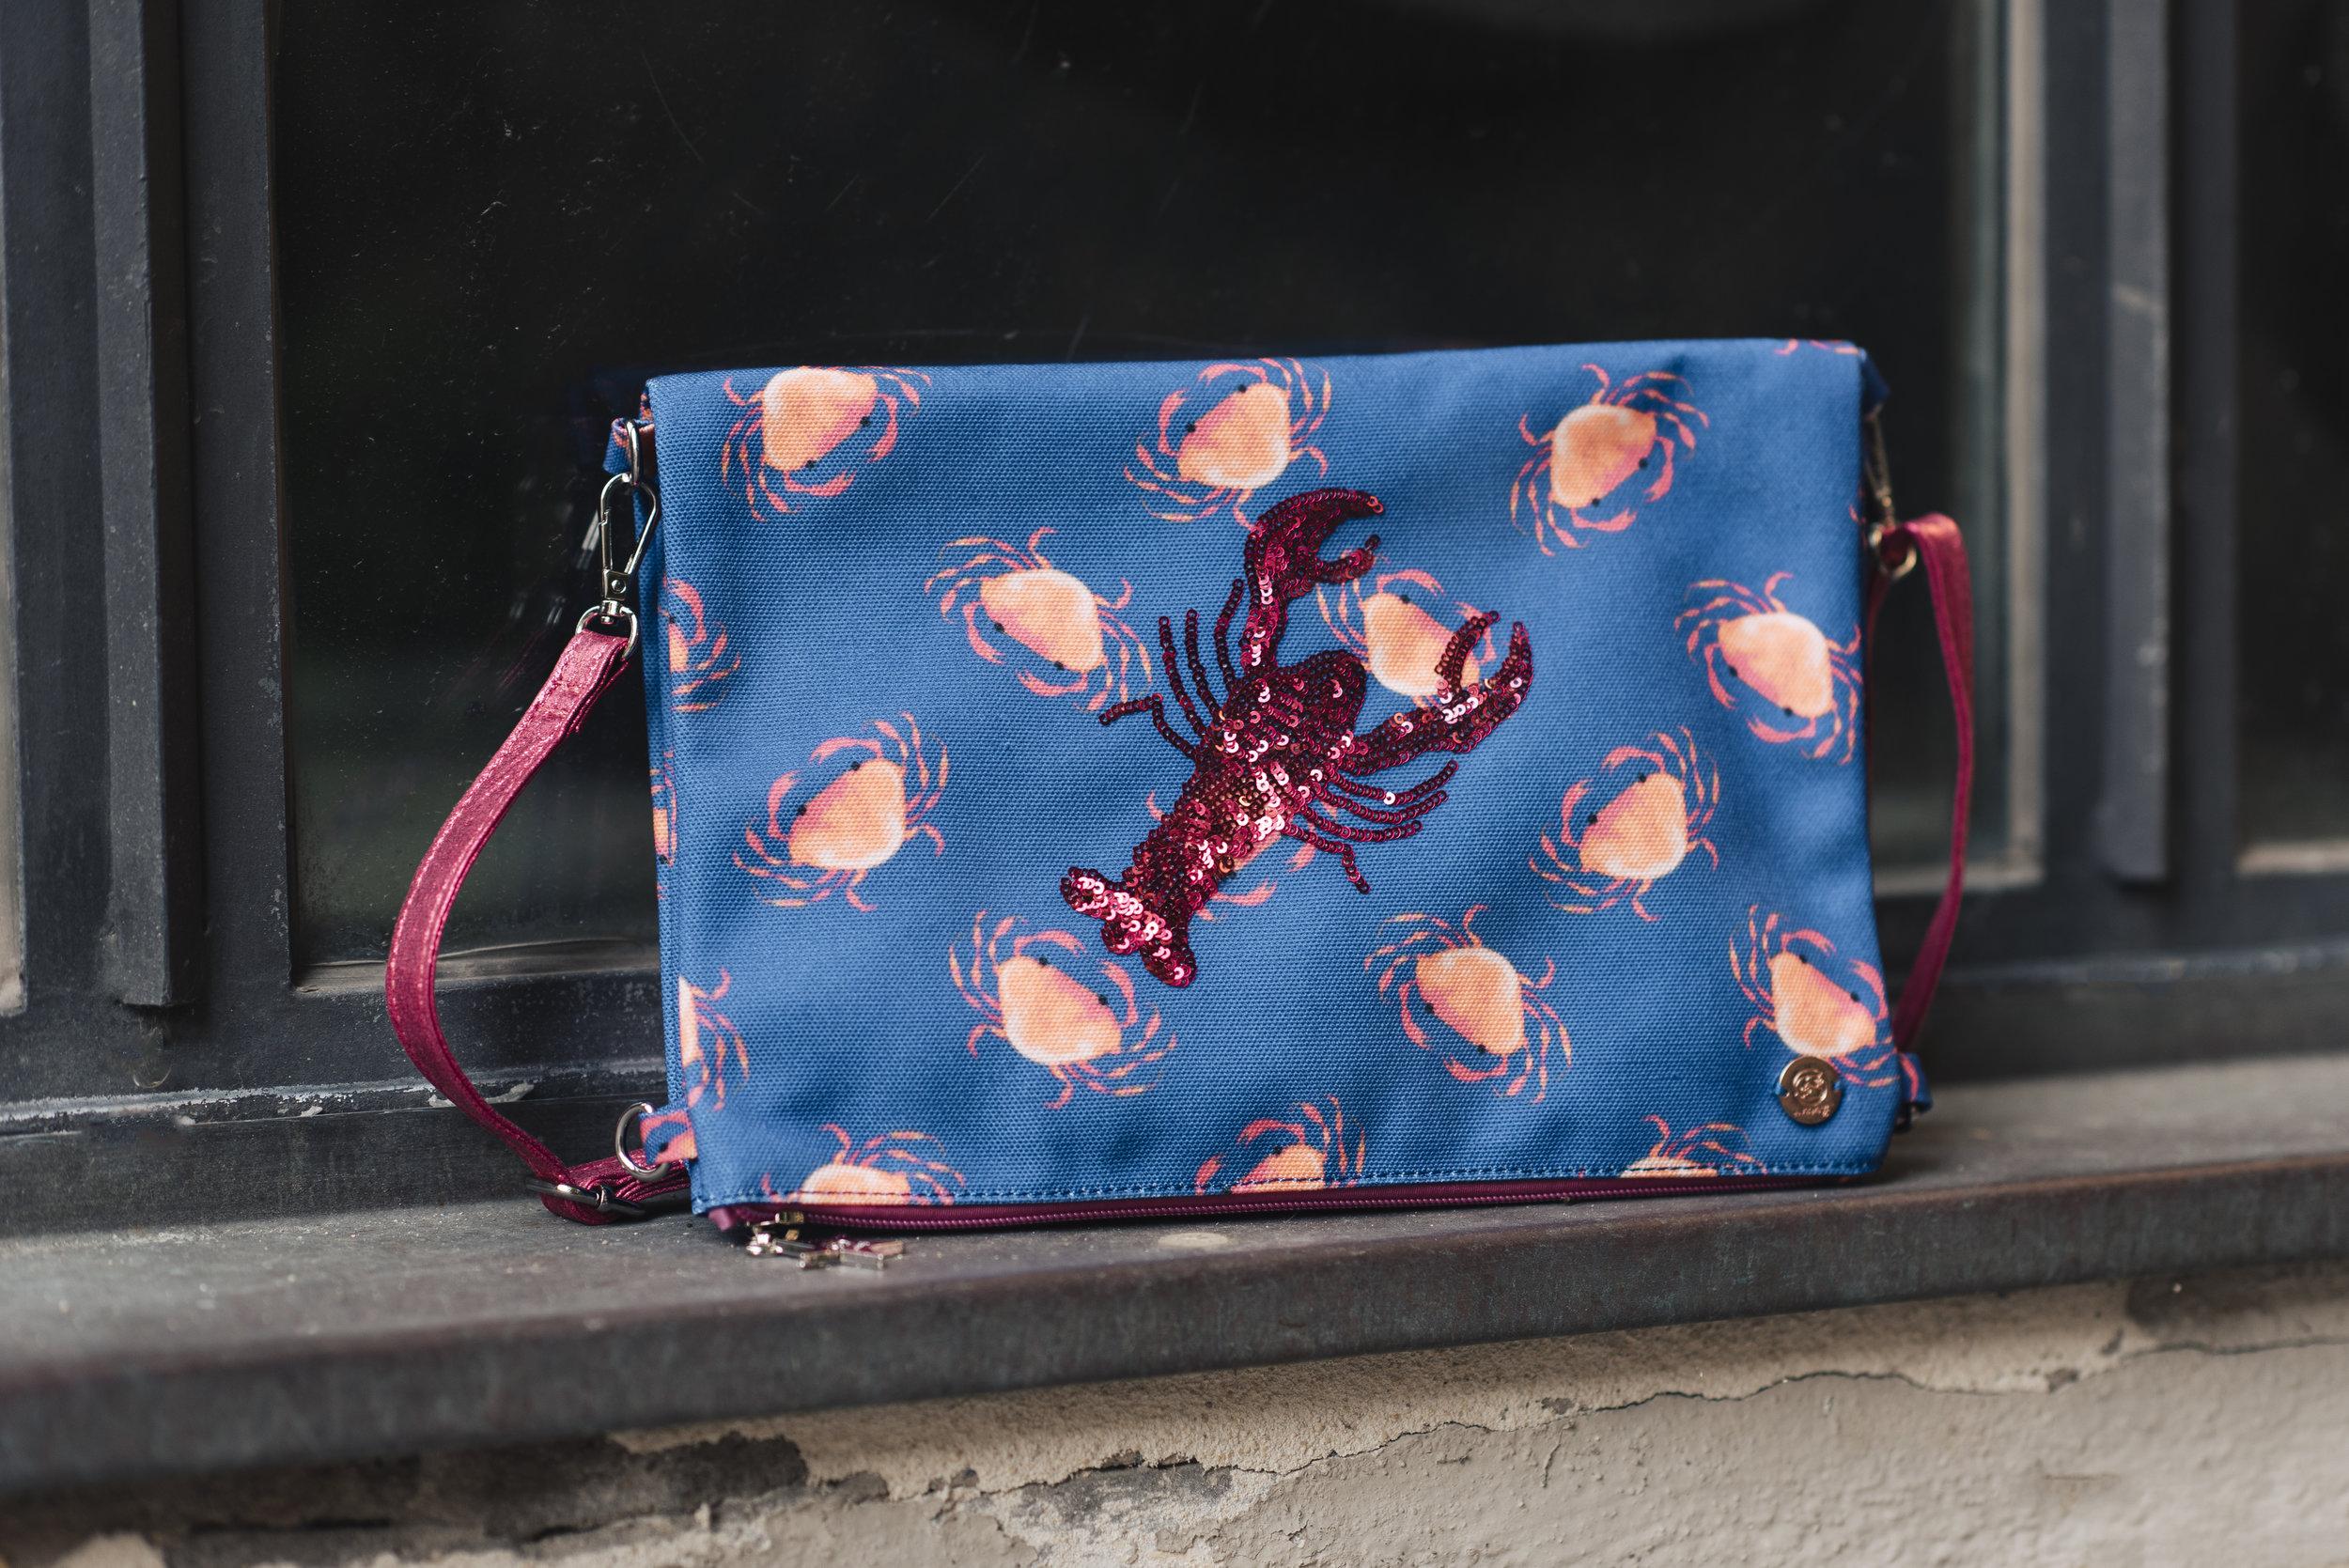 BeFifty Blog für Frauen über 40 und ab 50. Taschen und Fashion von Cute Stuff . BeFiftys Choice. Beate Finken Bloggerin über 40 und ab 50. Annette Gushurst